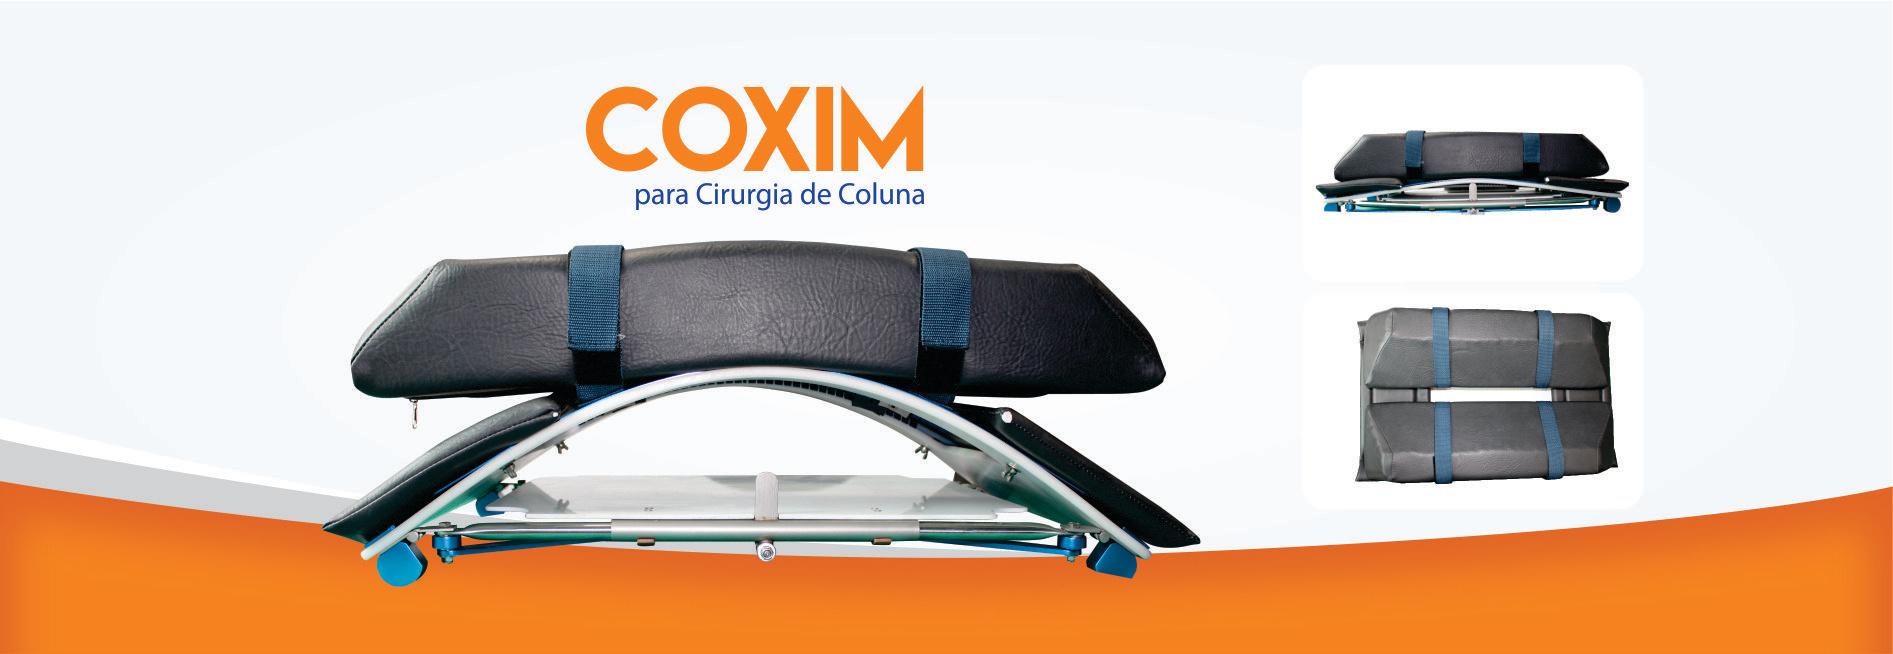 coxim